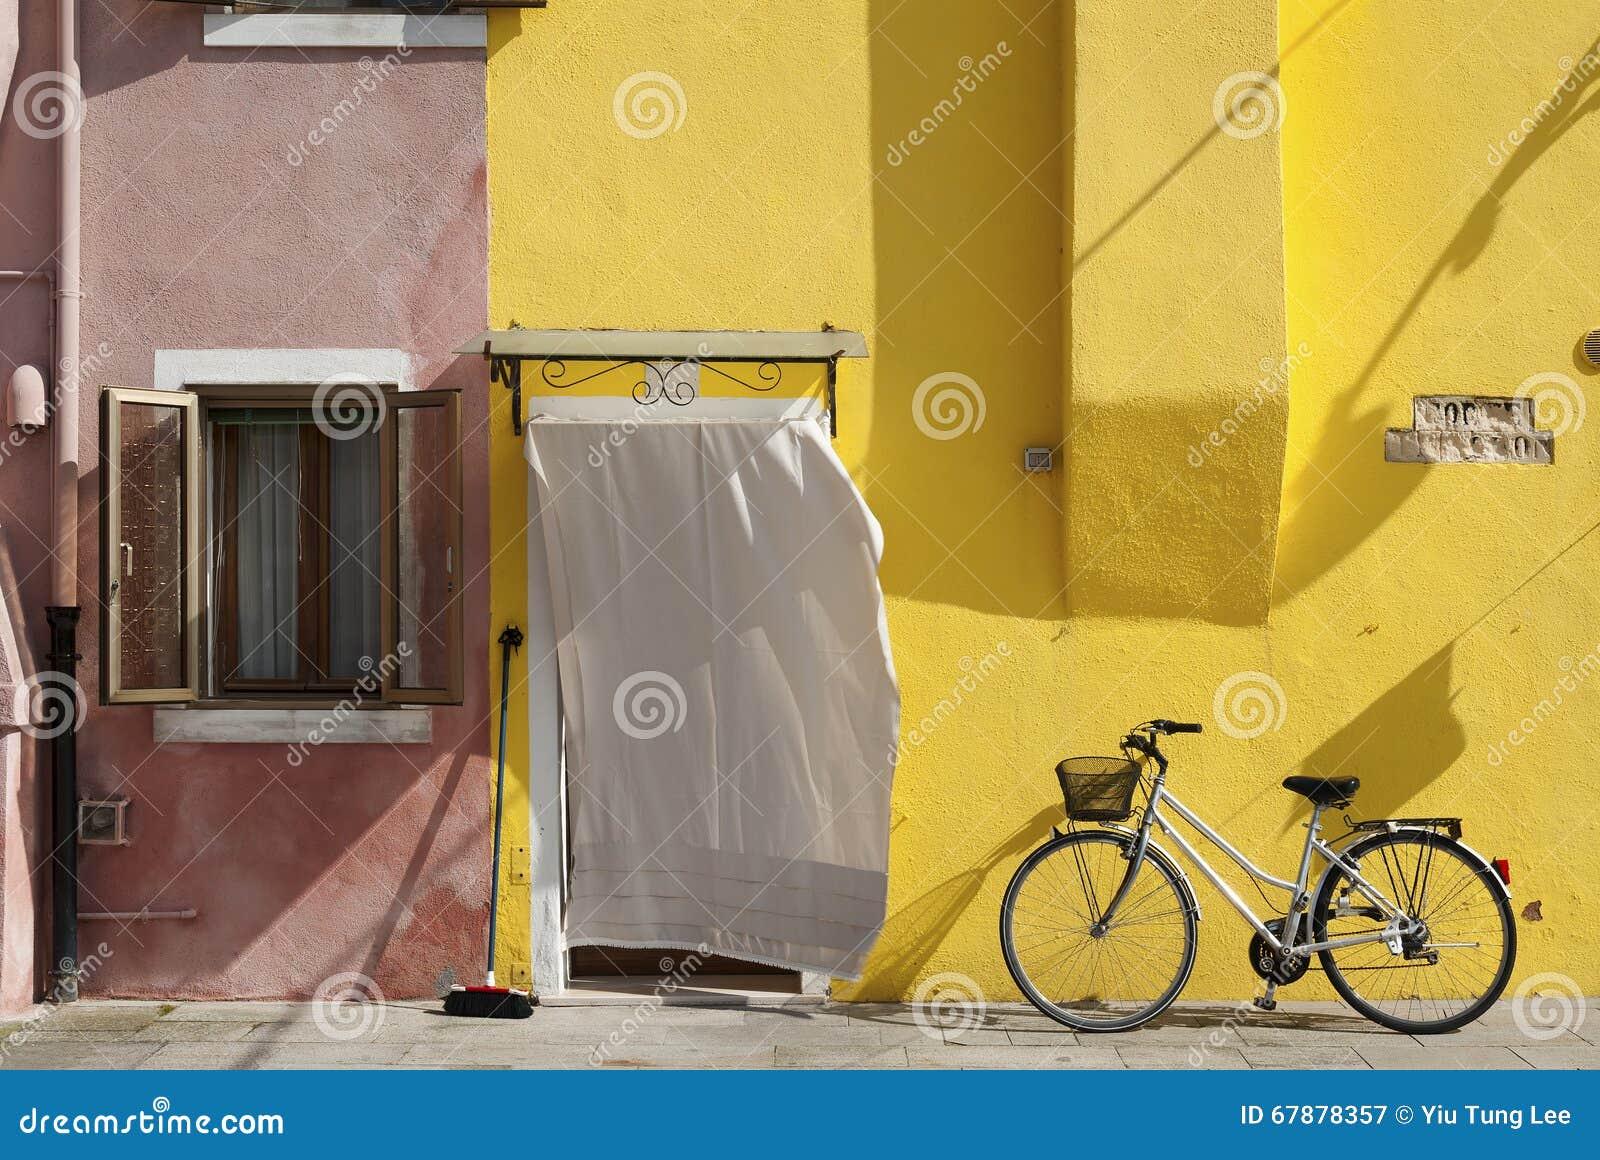 五颜六色的住宅房子和自行车